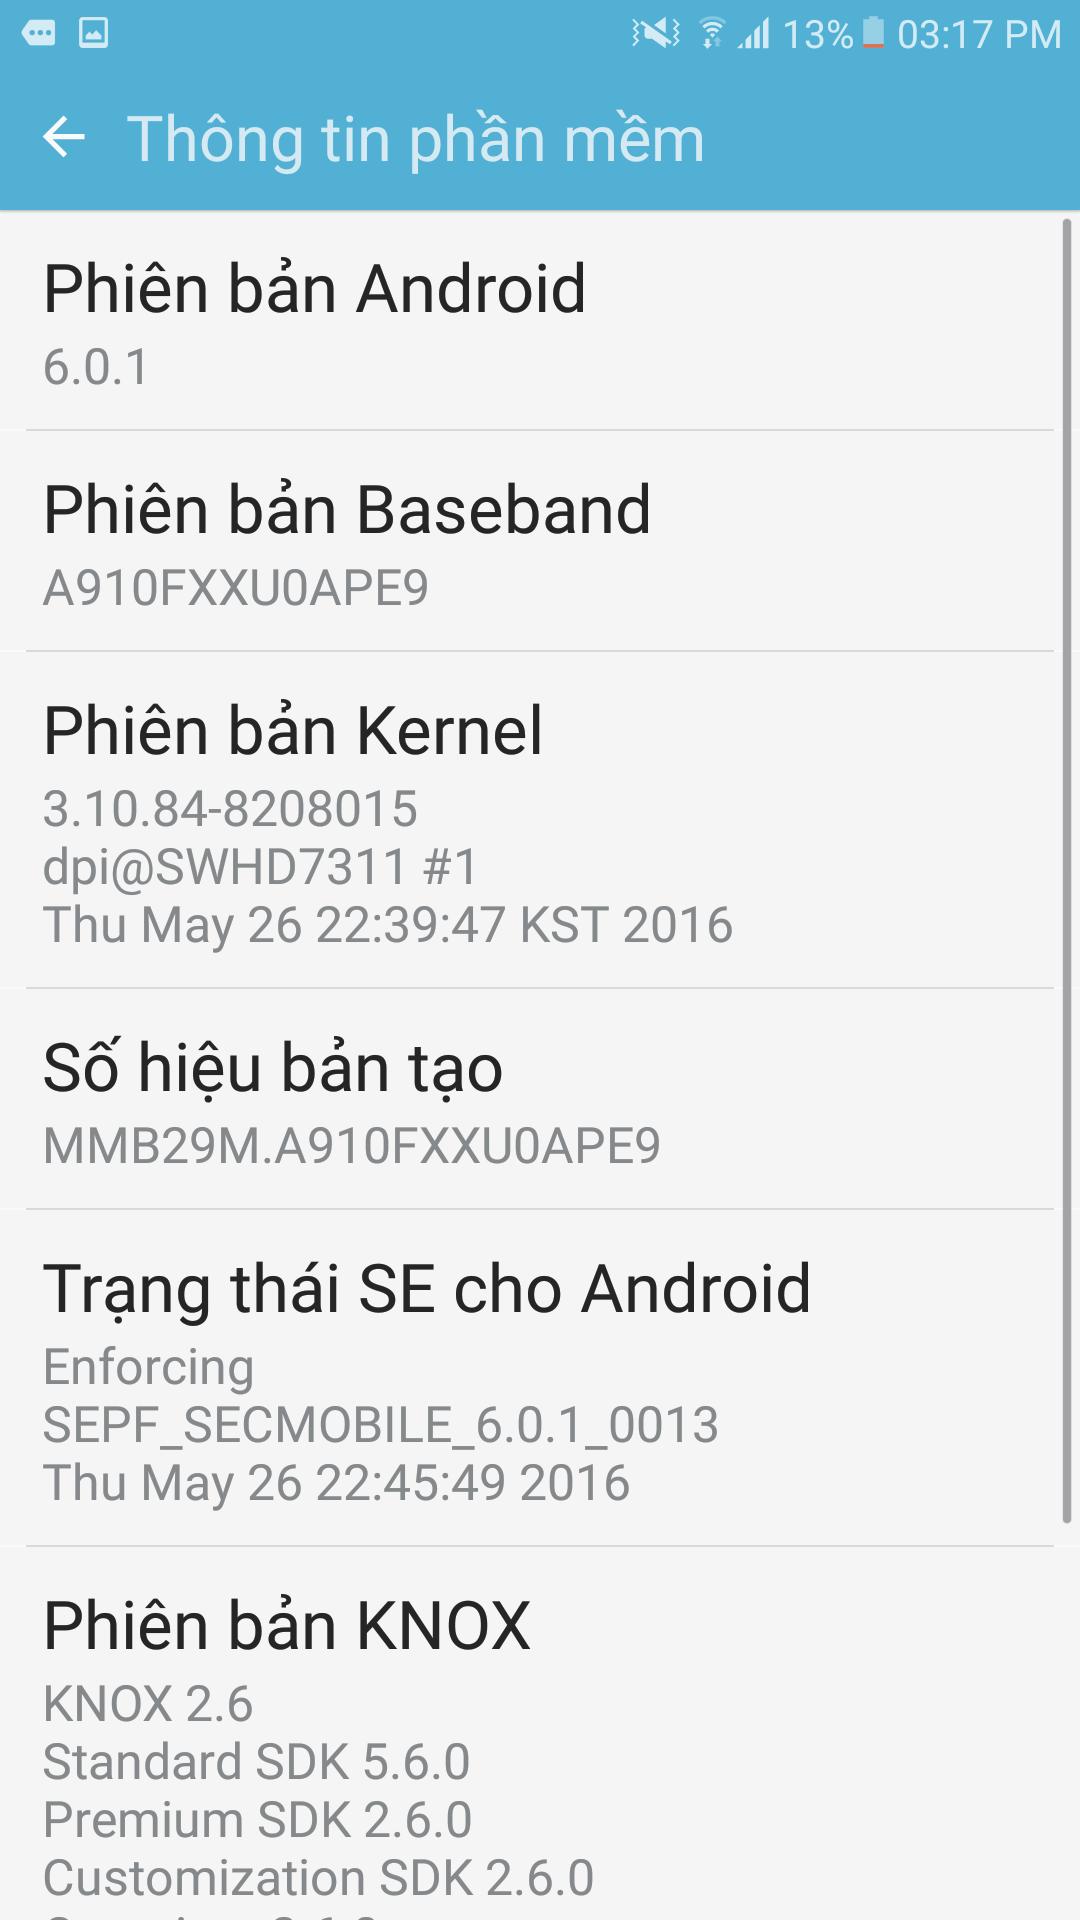 Kiểm tra phiên bản phần mềm trên điện thoại